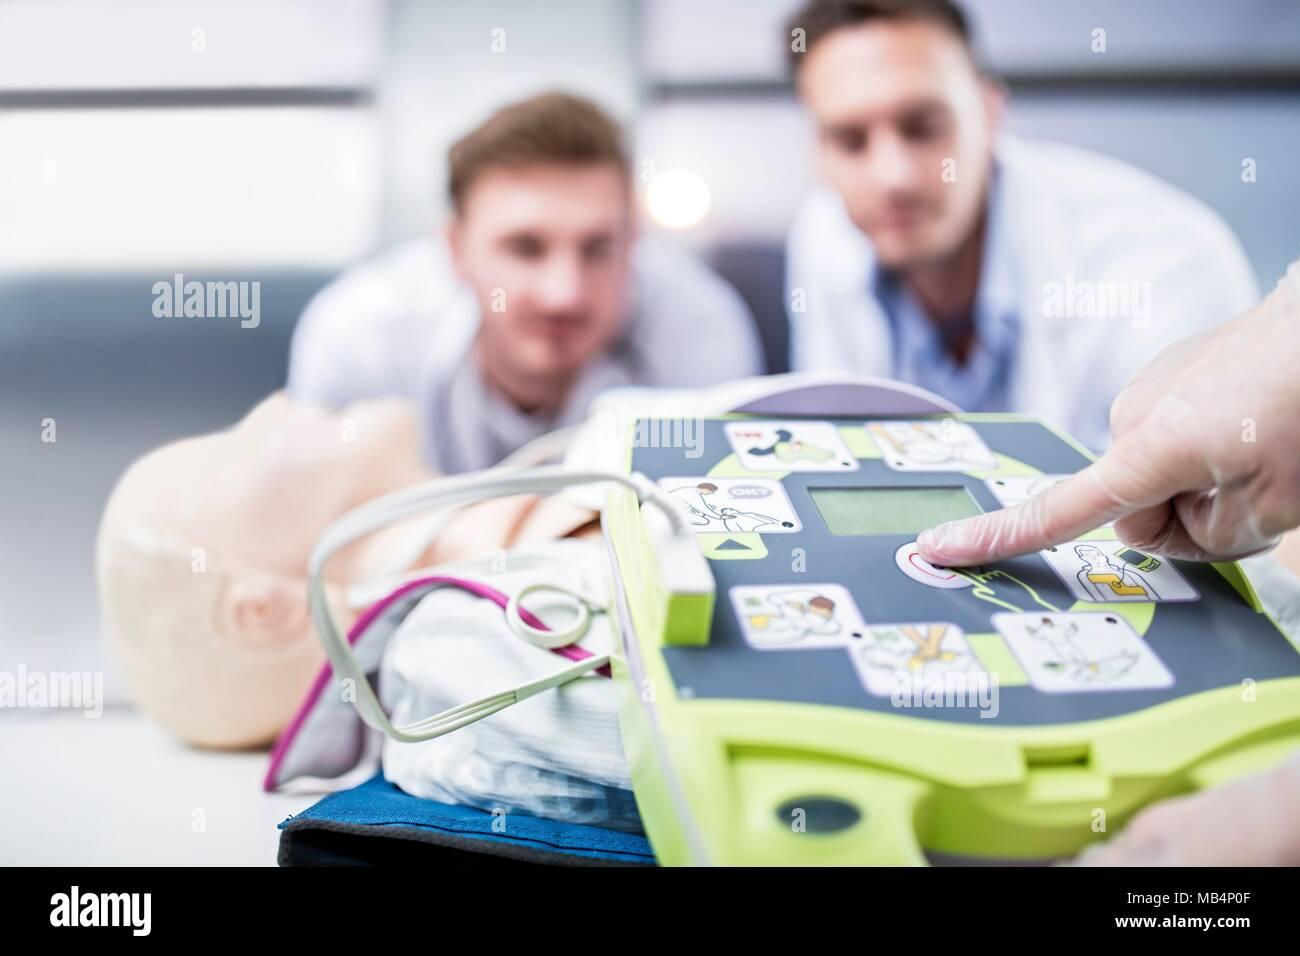 Modello rilasciato. Defibrillatore automatico esterno della formazione. Immagini Stock